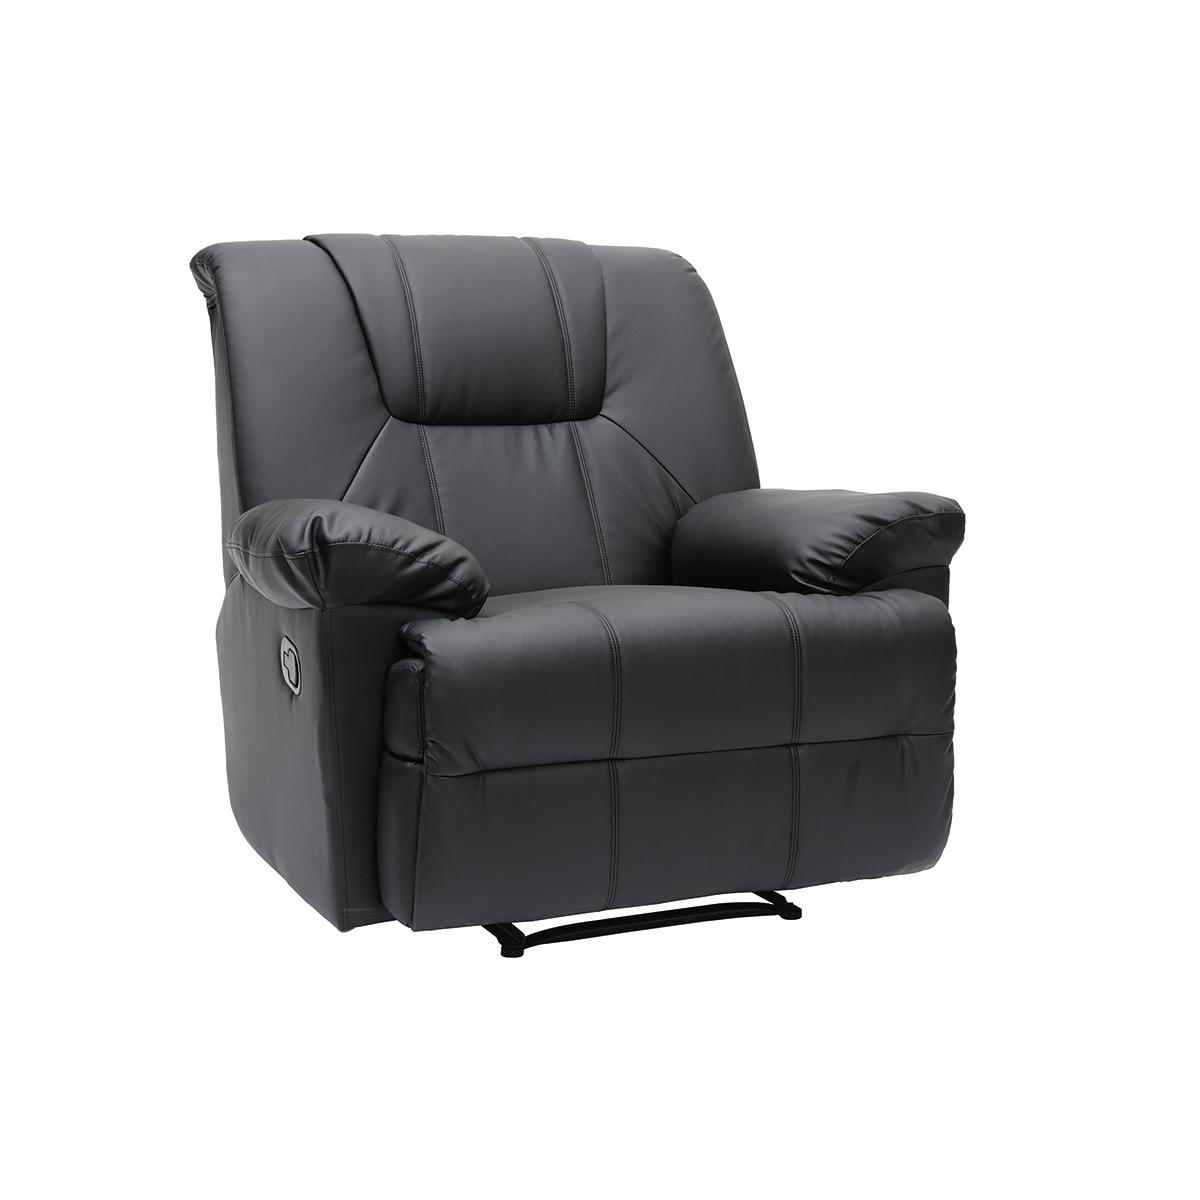 Miliboo fauteuil relax noir manuel ross